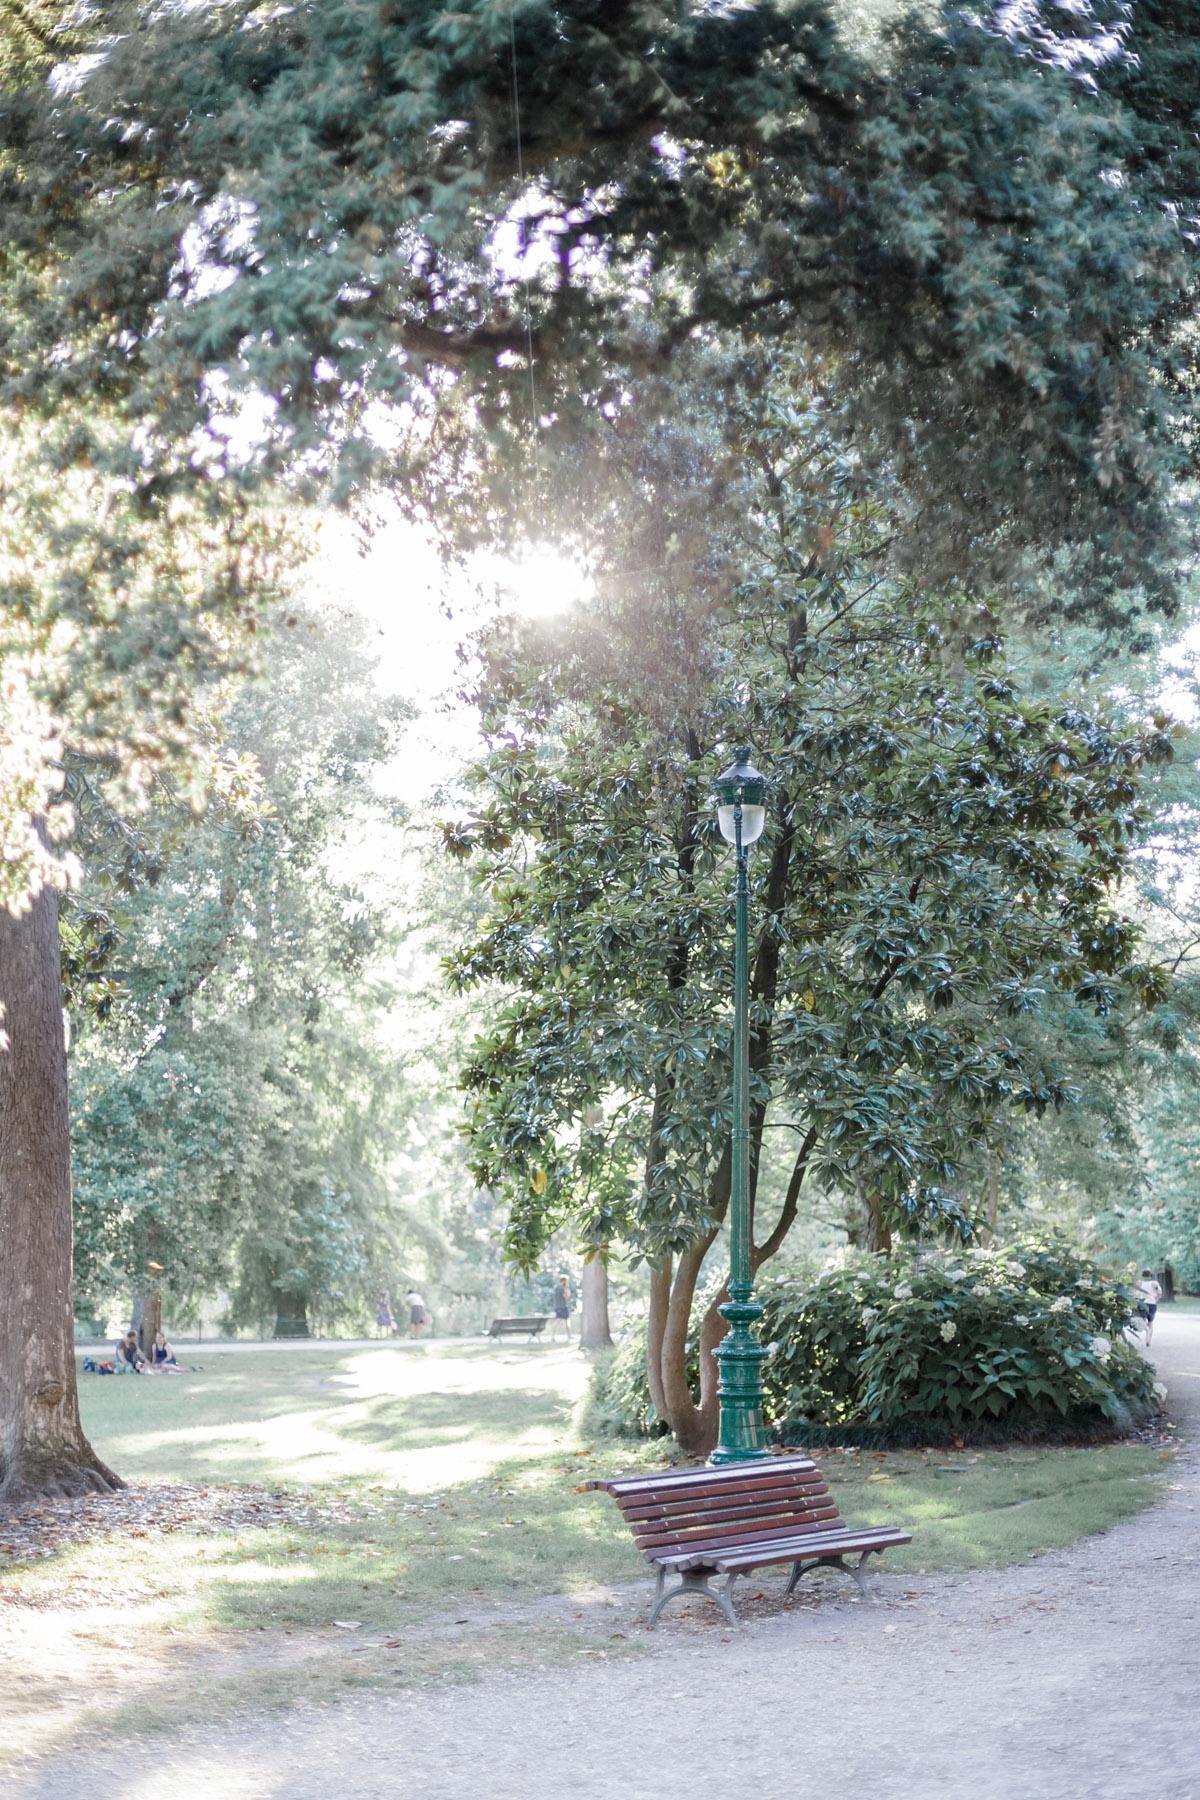 photographe evjf enterrement de vie de jeune fille bordeaux copine seance photo parc lifestyle fineart francais sarah miramon melanie 01